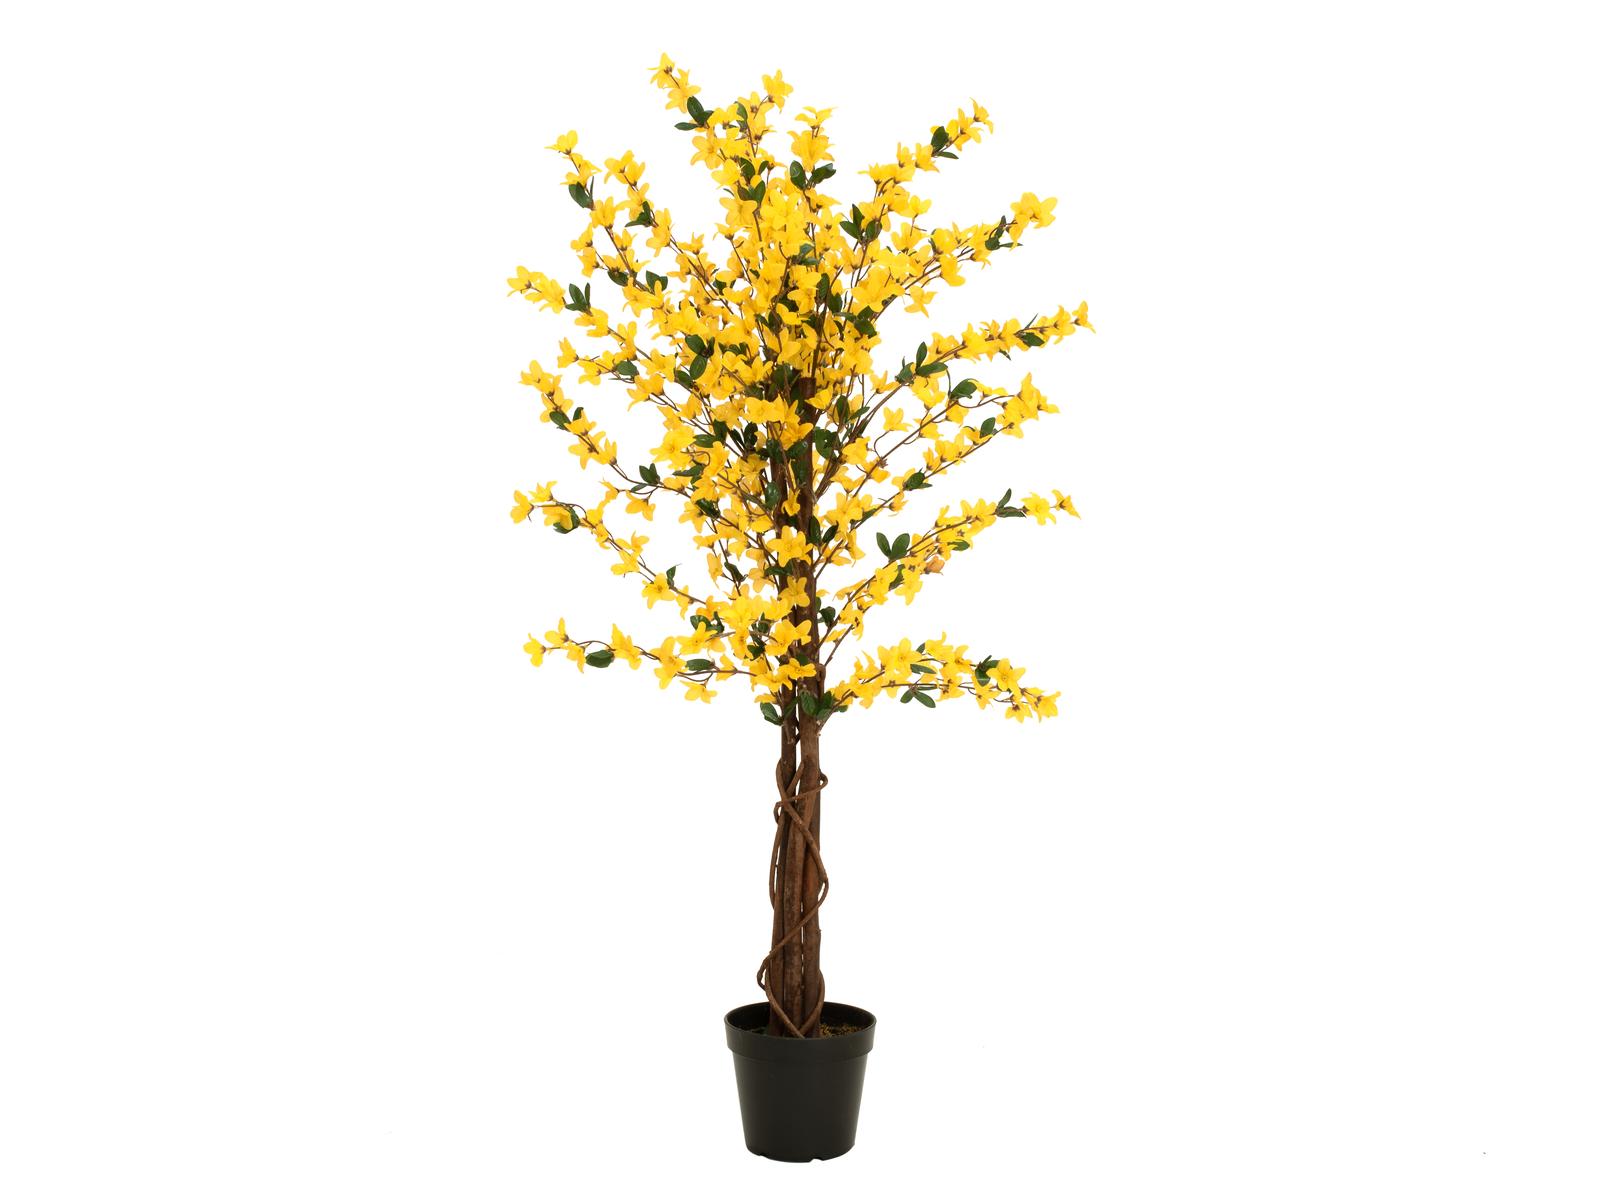 EUROPALMS Forsythienbaum mit 3 Stämmen, Kunstpflanze, gelb, 120cm